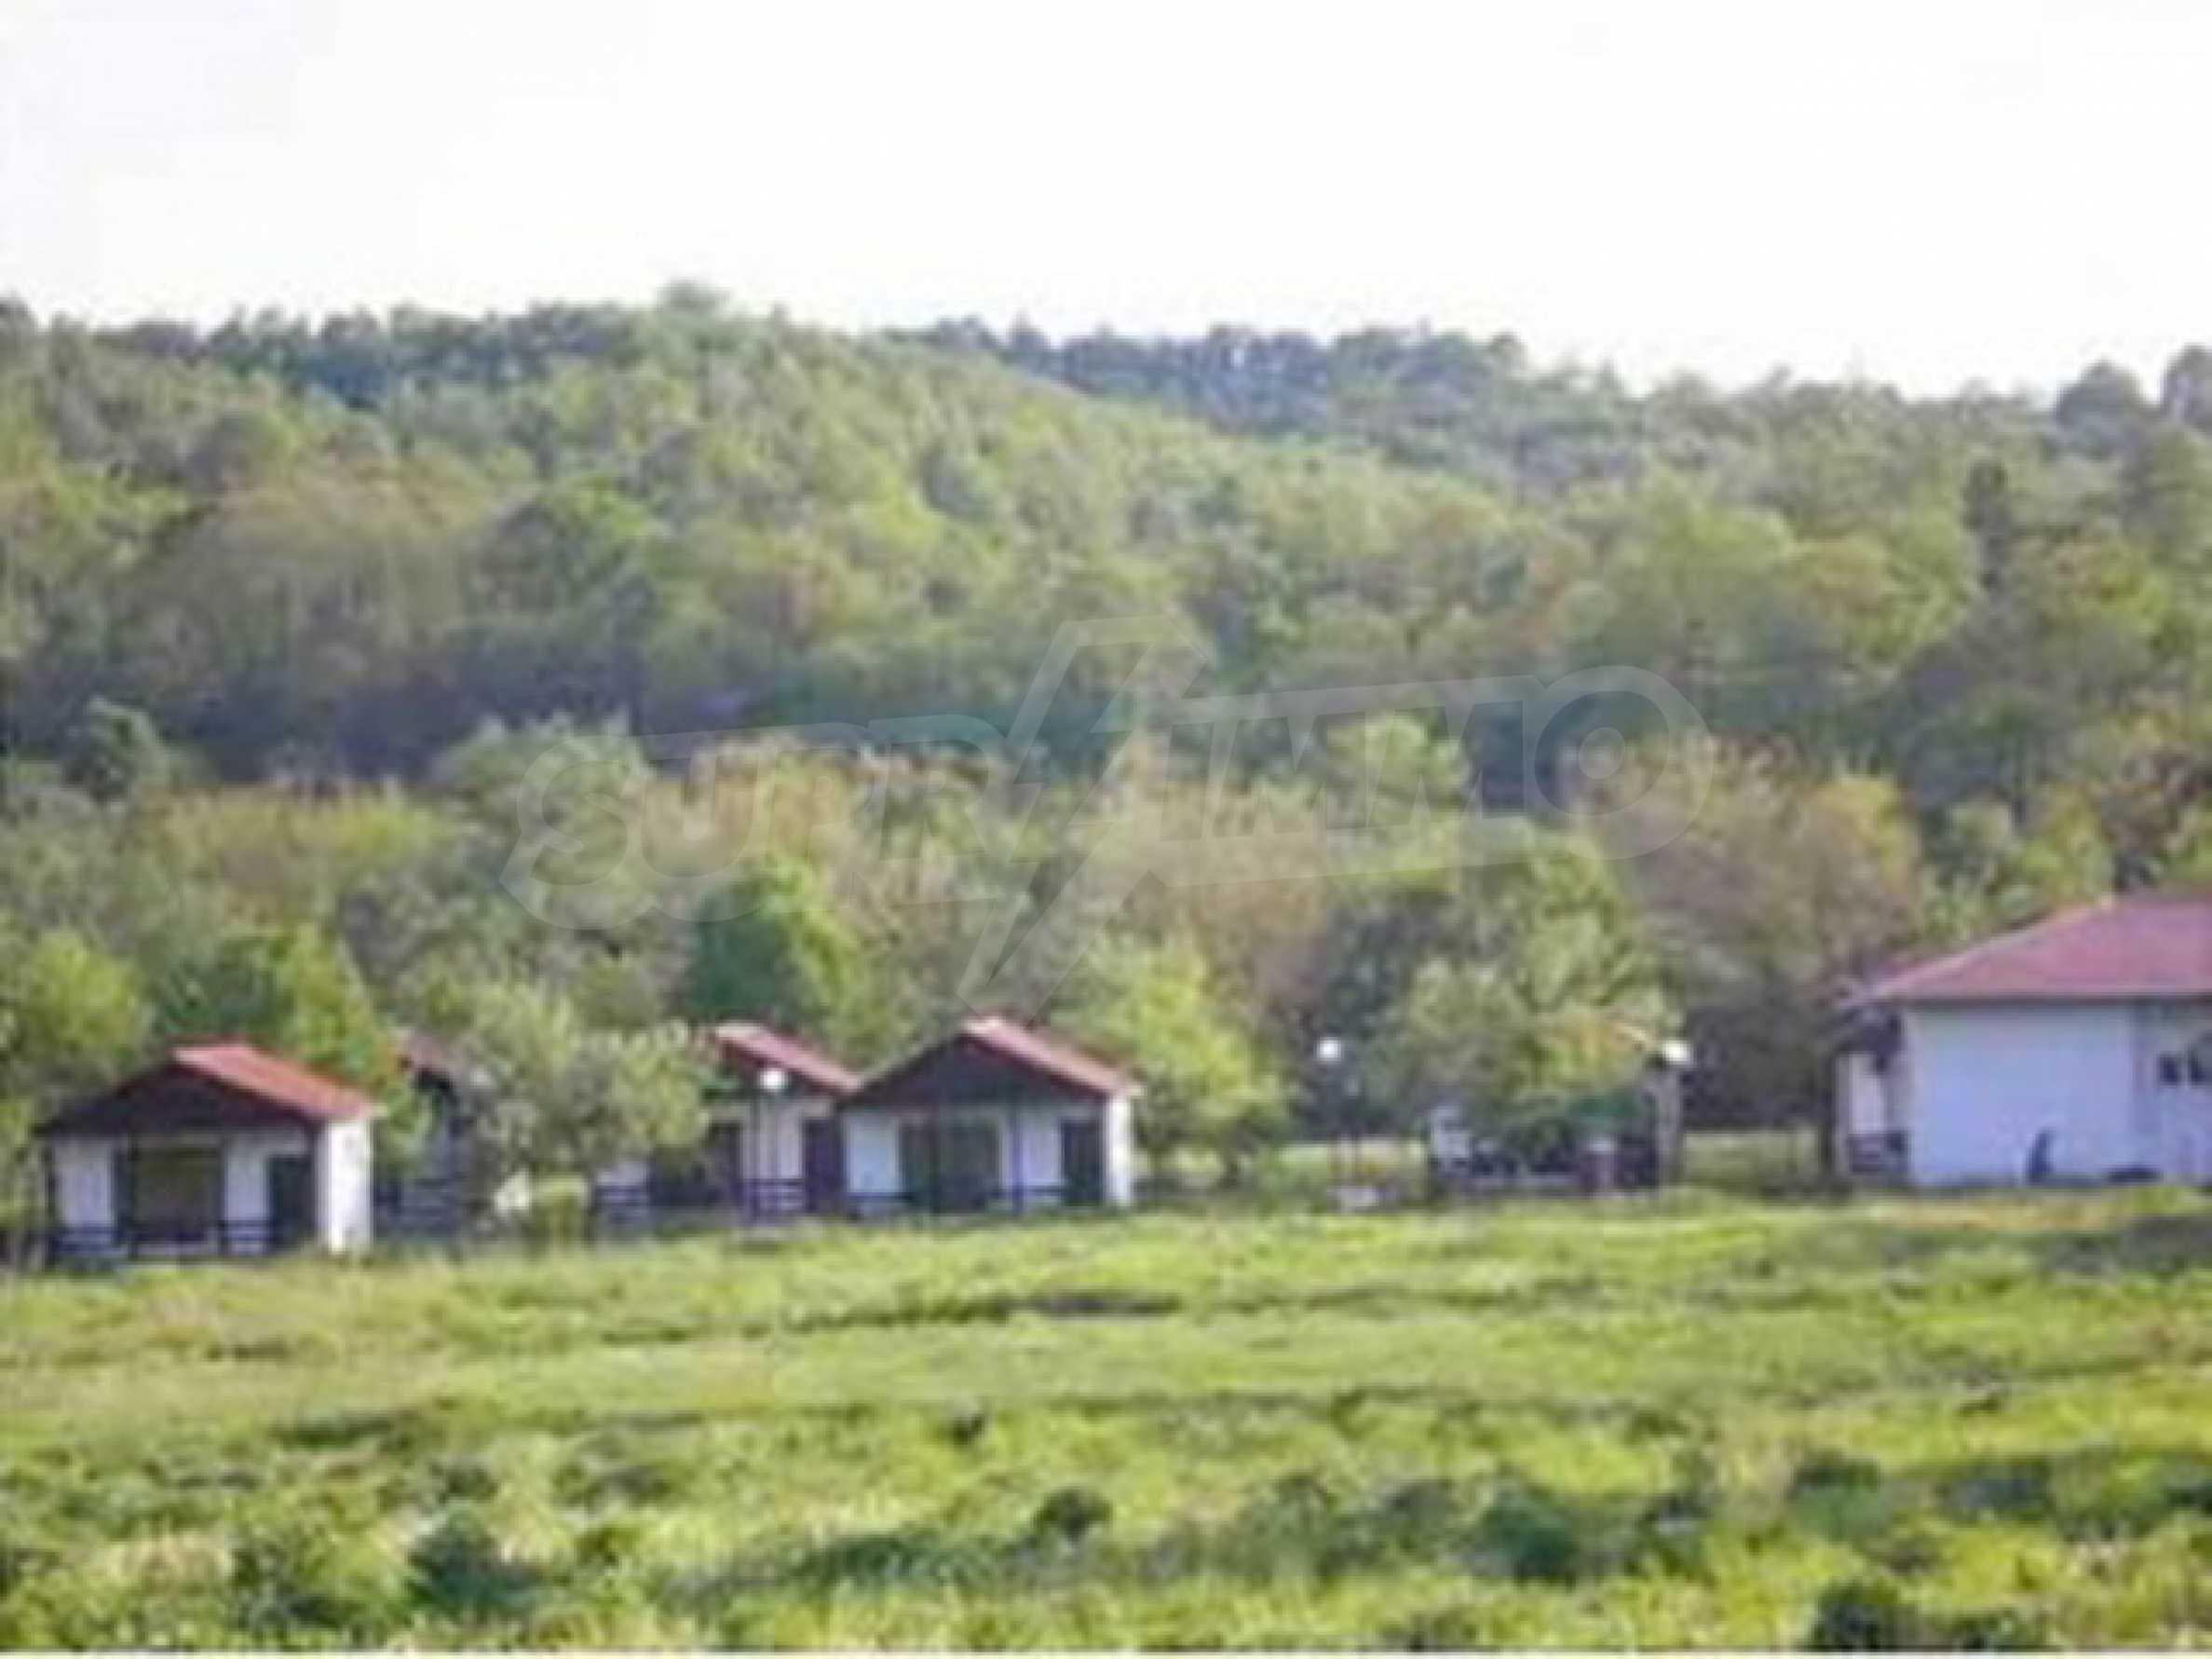 Land zum Verkauf in der Nähe des Flusses 4